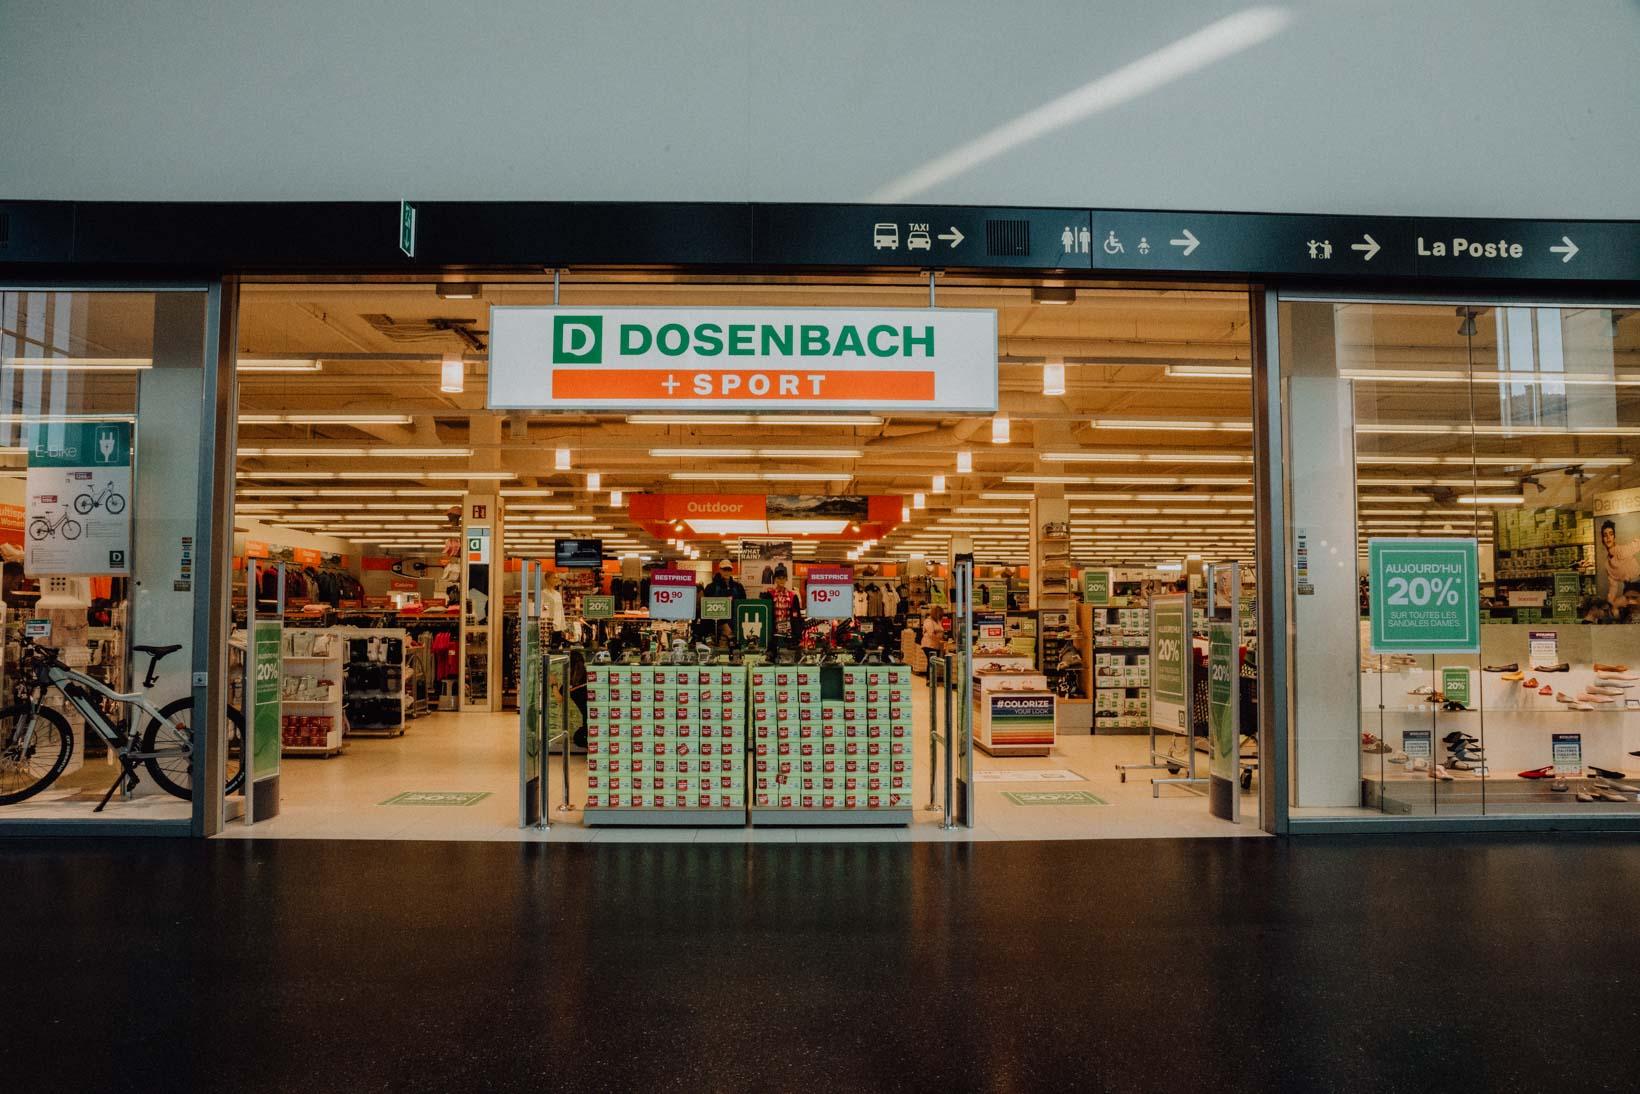 Dosenbach + Sports